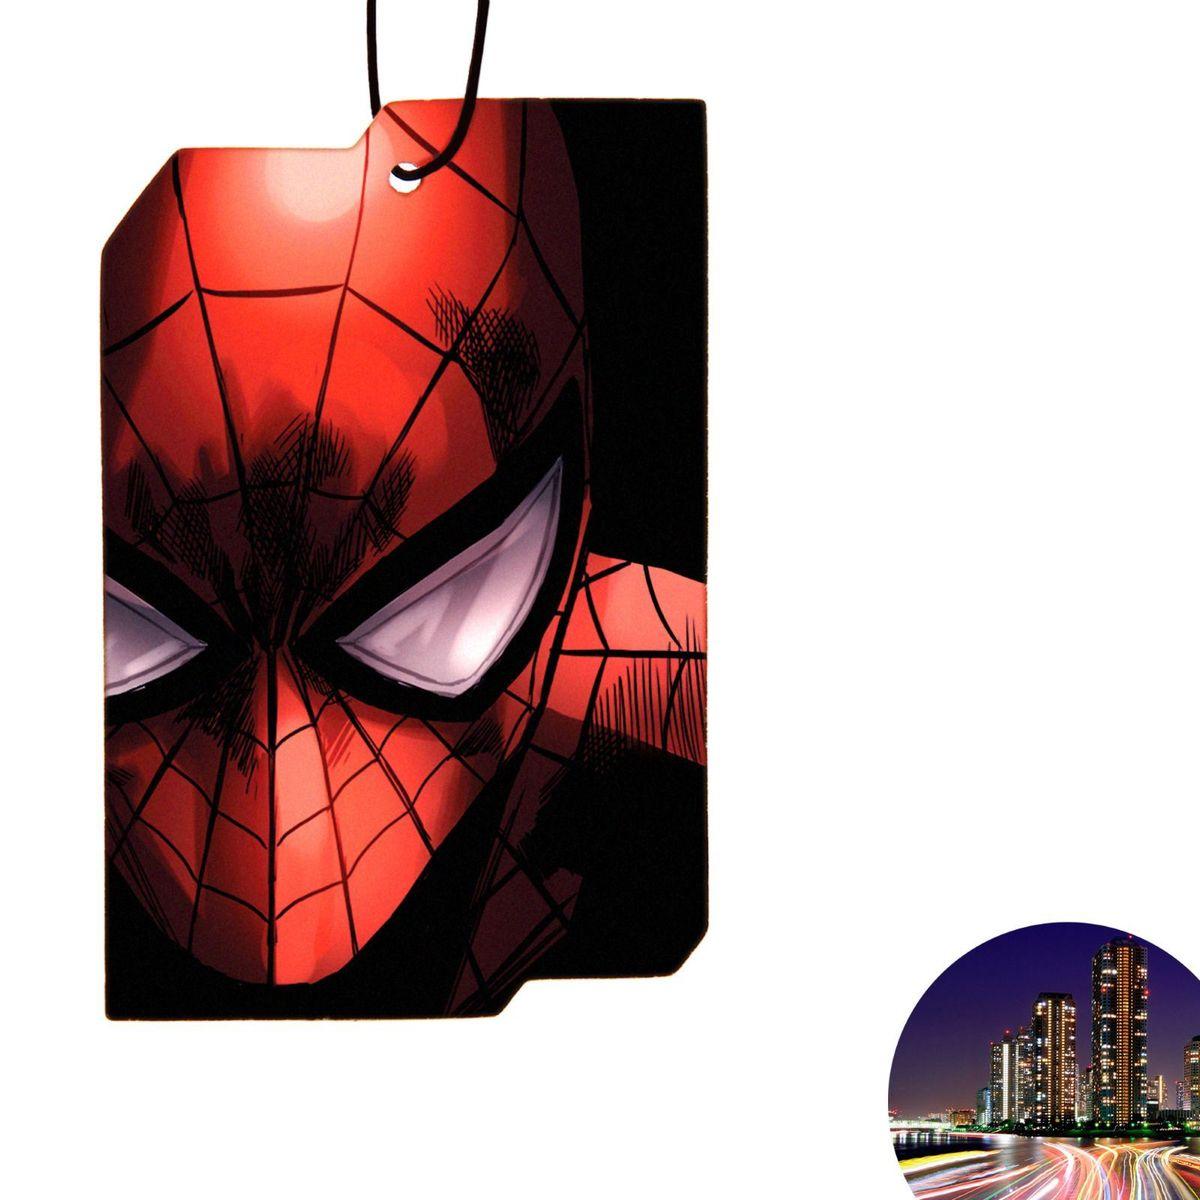 Ароматизатор автомобильный Marvel Spiderman 2. Встречный ветер, 8,9 х 15,9 см1149011Яркость в серые городские будни и скучную езду по пробкам добавит ароматизатор Marvel Spiderman 2. Встречный ветер. В нем сочетаются эксклюзивный дизайн и приятный аромат. Если у вас нет автомобиля - не беда! Повесьте ароматизатор дома или на работе и наслаждайтесь чудесным благоуханием.